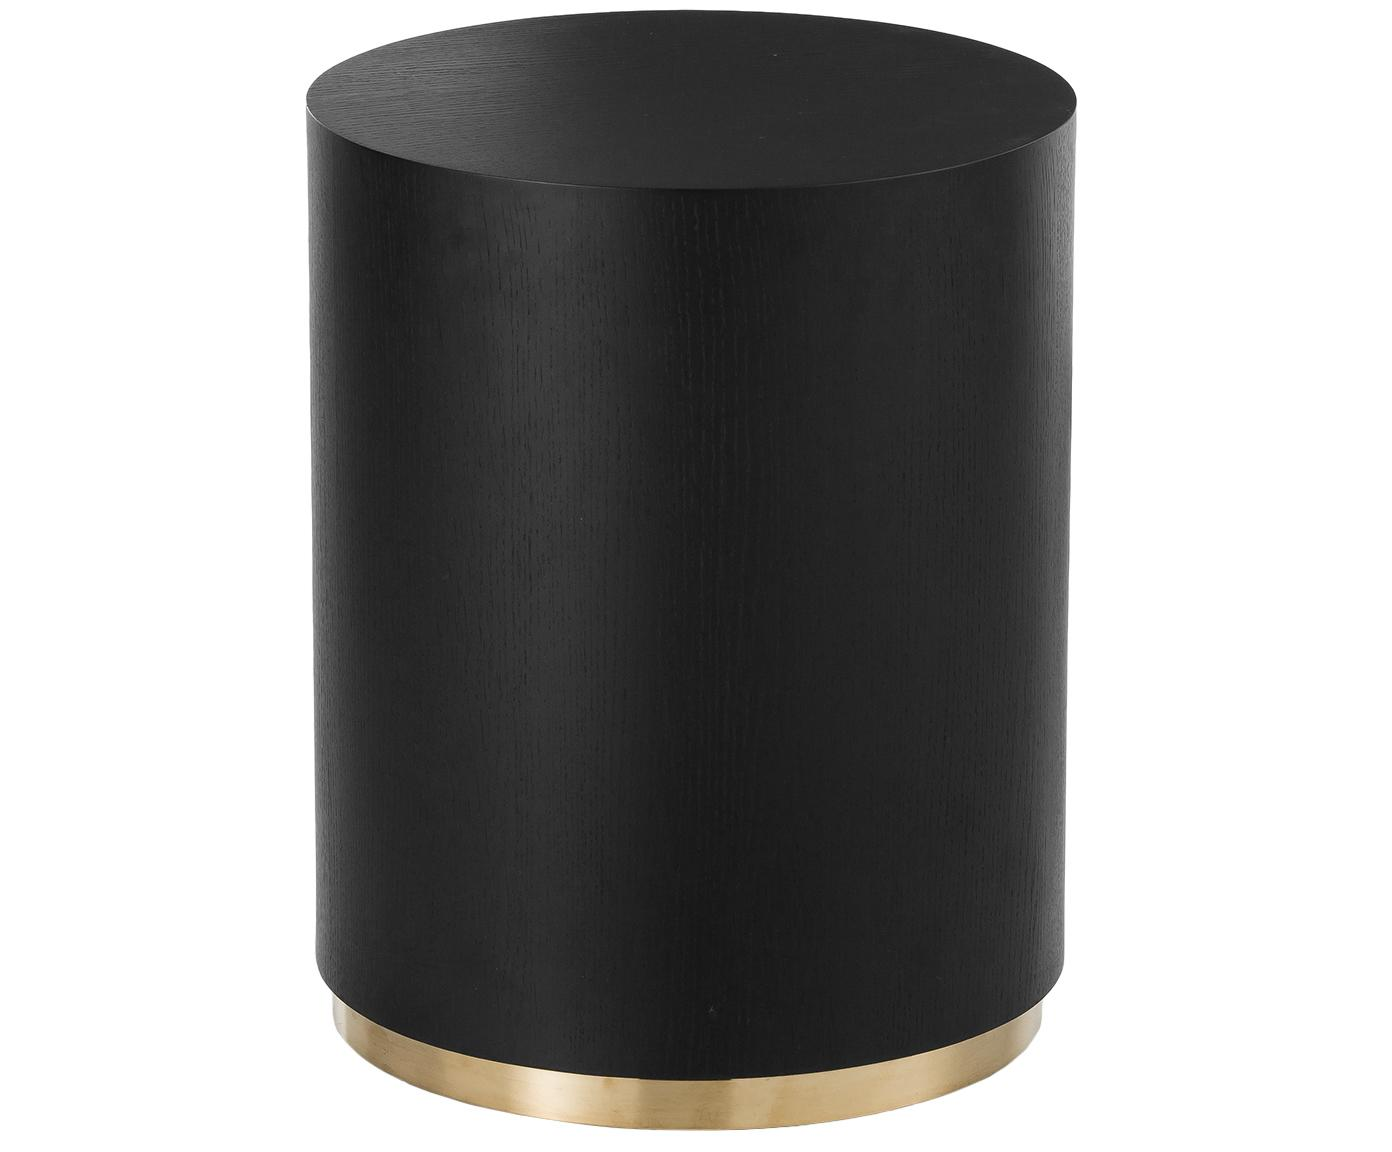 Stolik pomocniczy Clarice, Korpus: płyta pilśniowa średniej , Noga: metal powlekany, Korpus: drewno jesionowe, czarny lakierowany Noga: odcienie złotego, Ø 40 x W 50 cm